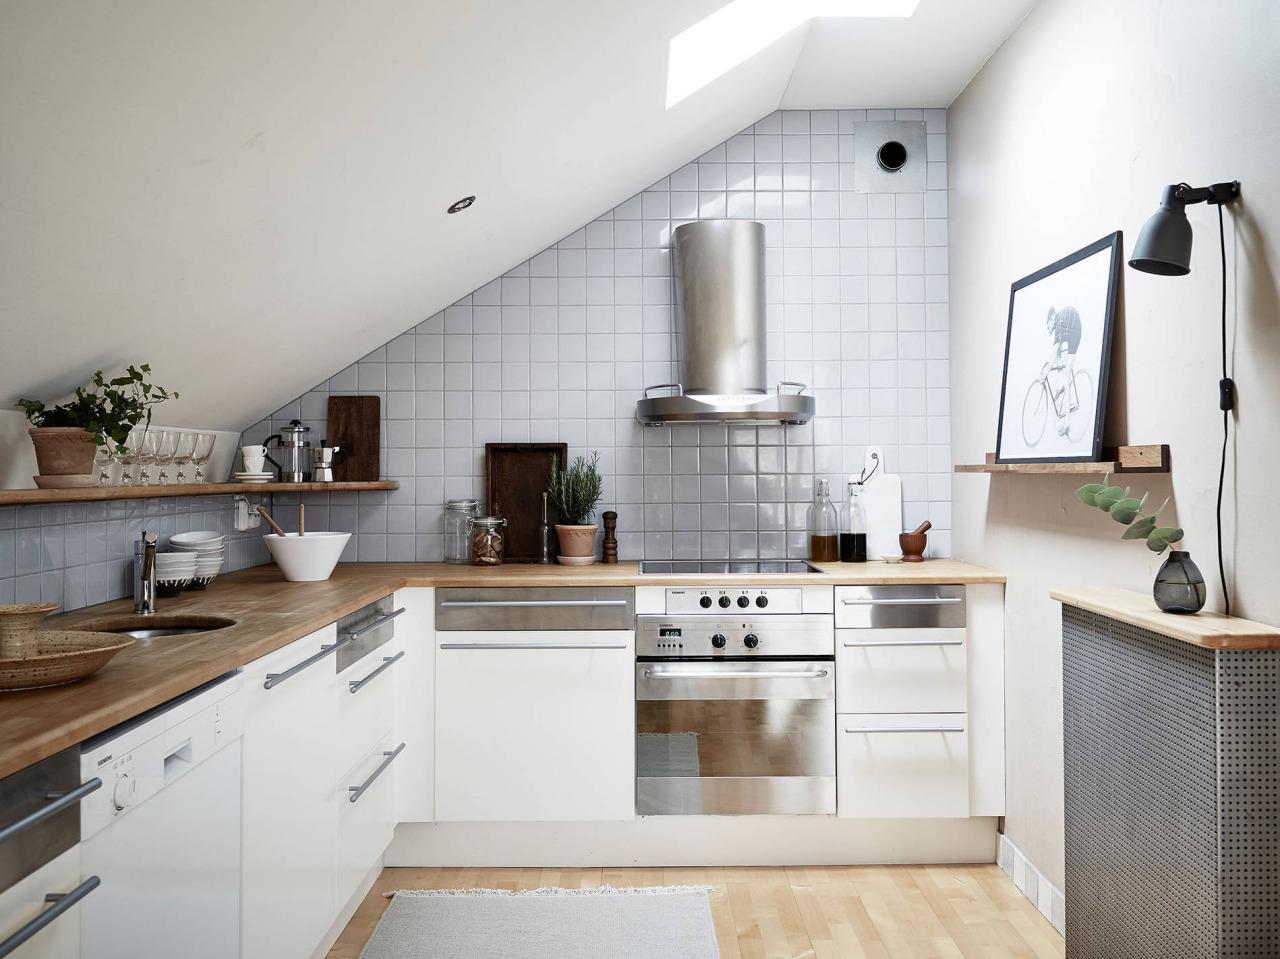 Come rinnovare una vecchia cucina - Cucine in mansarda ...